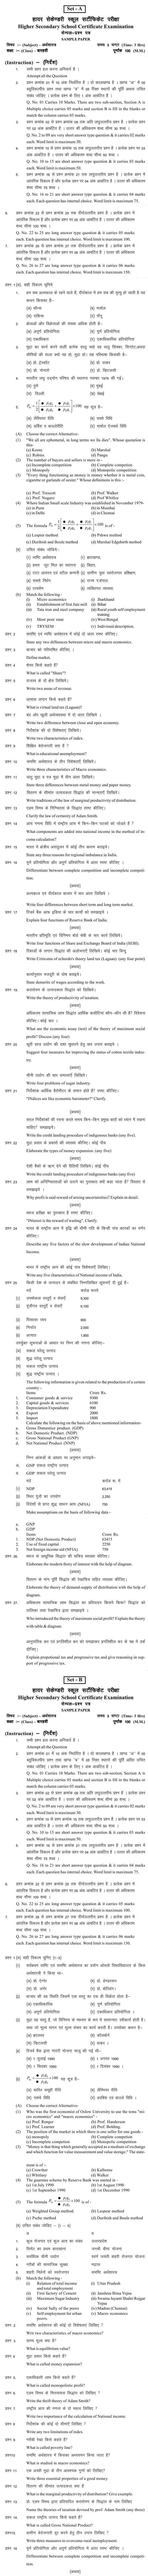 Chattisgarh Board Class 12 EconomicsSample Paper